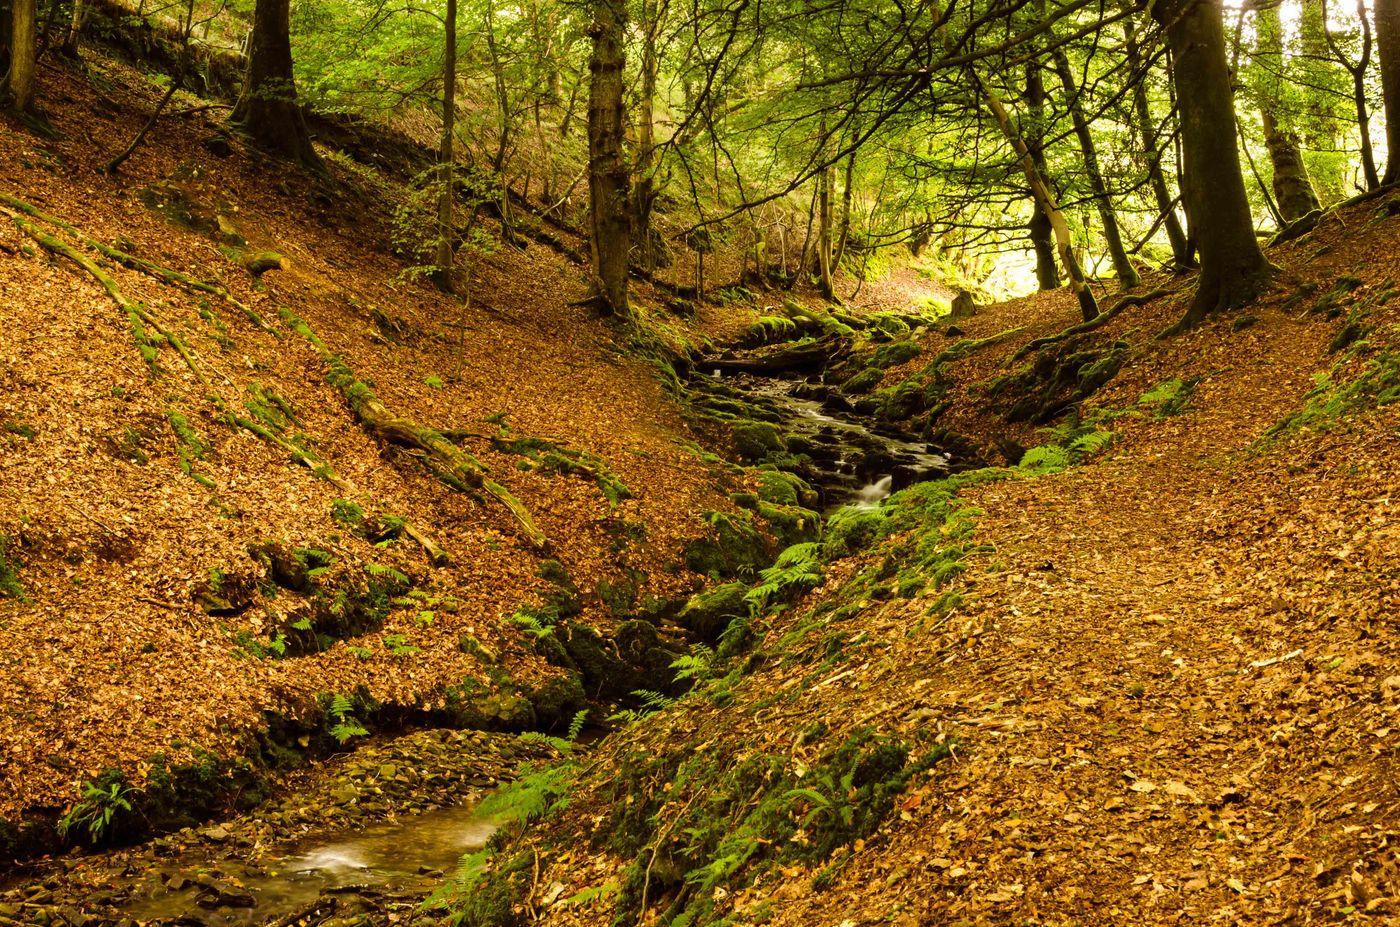 Het beukenbos in Exmoor, met een klein bosstroompje. © Hans Debruyne